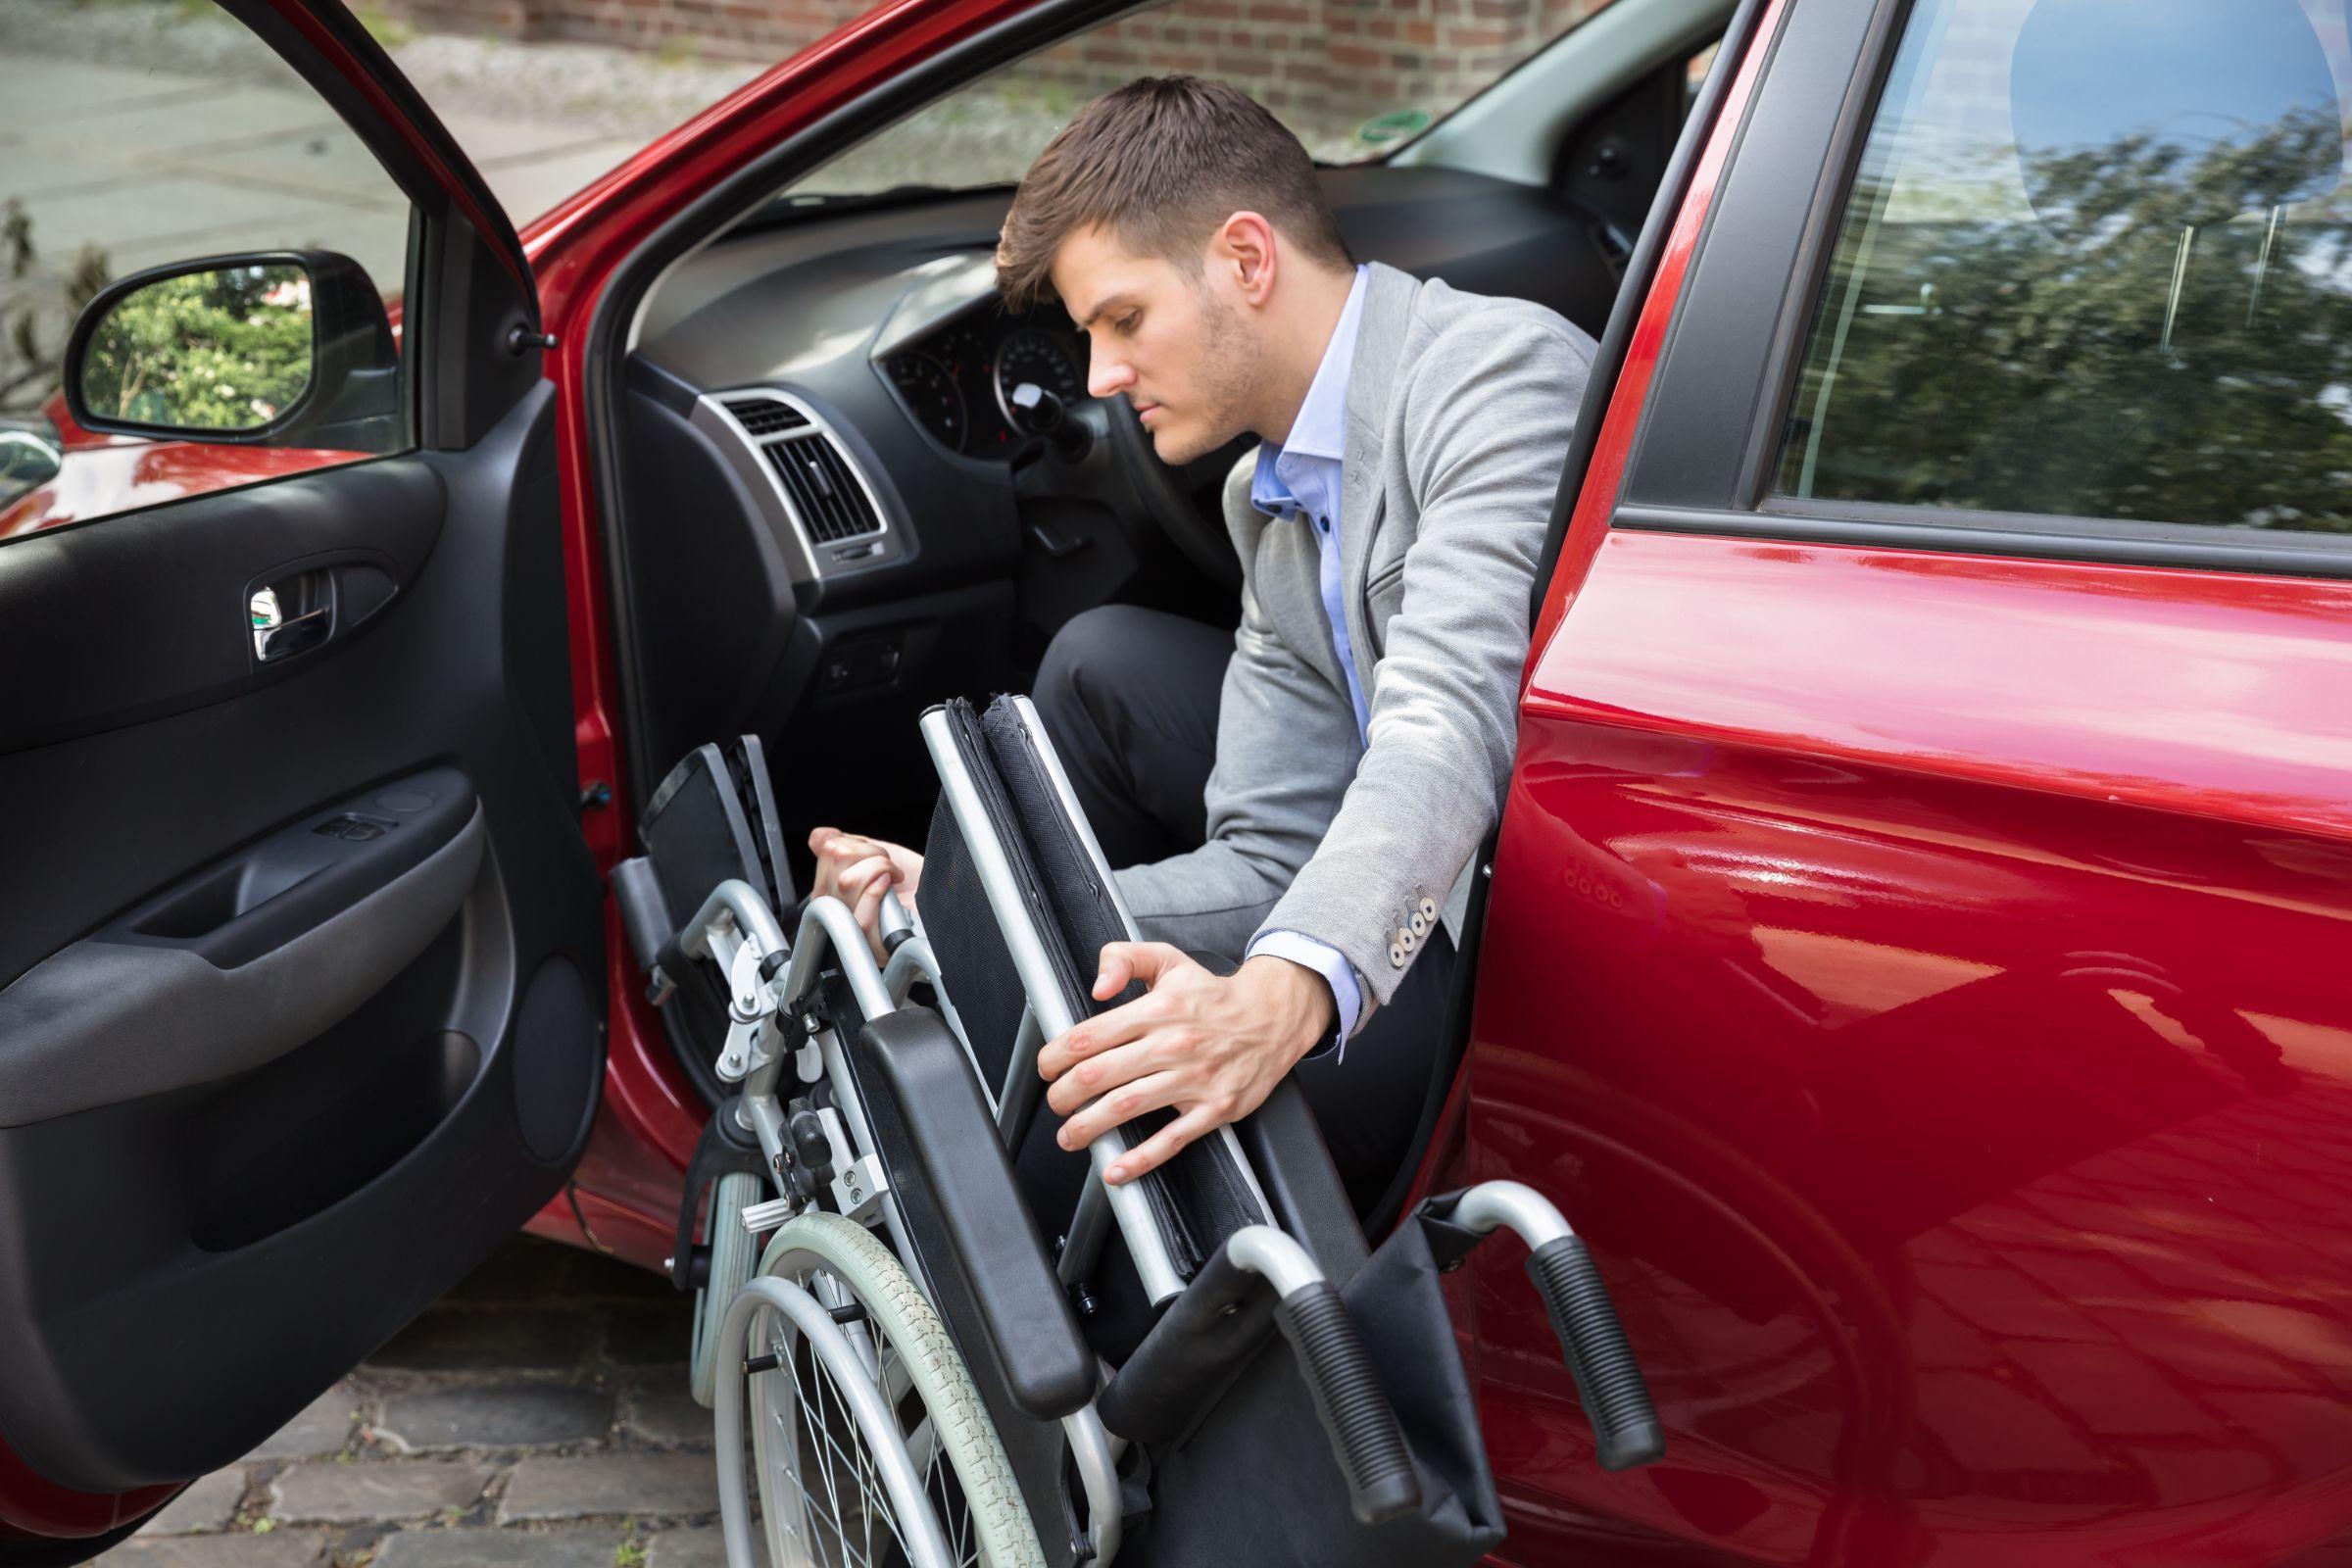 A Chevrolet anunciou a disponibilização da versão LT do Equinox para PCD por R$ 122 mil. Segundo a marca, a configuração foi cadastrada no canal de vendas diretas com a isenção fiscal para pessoas com deficiência.